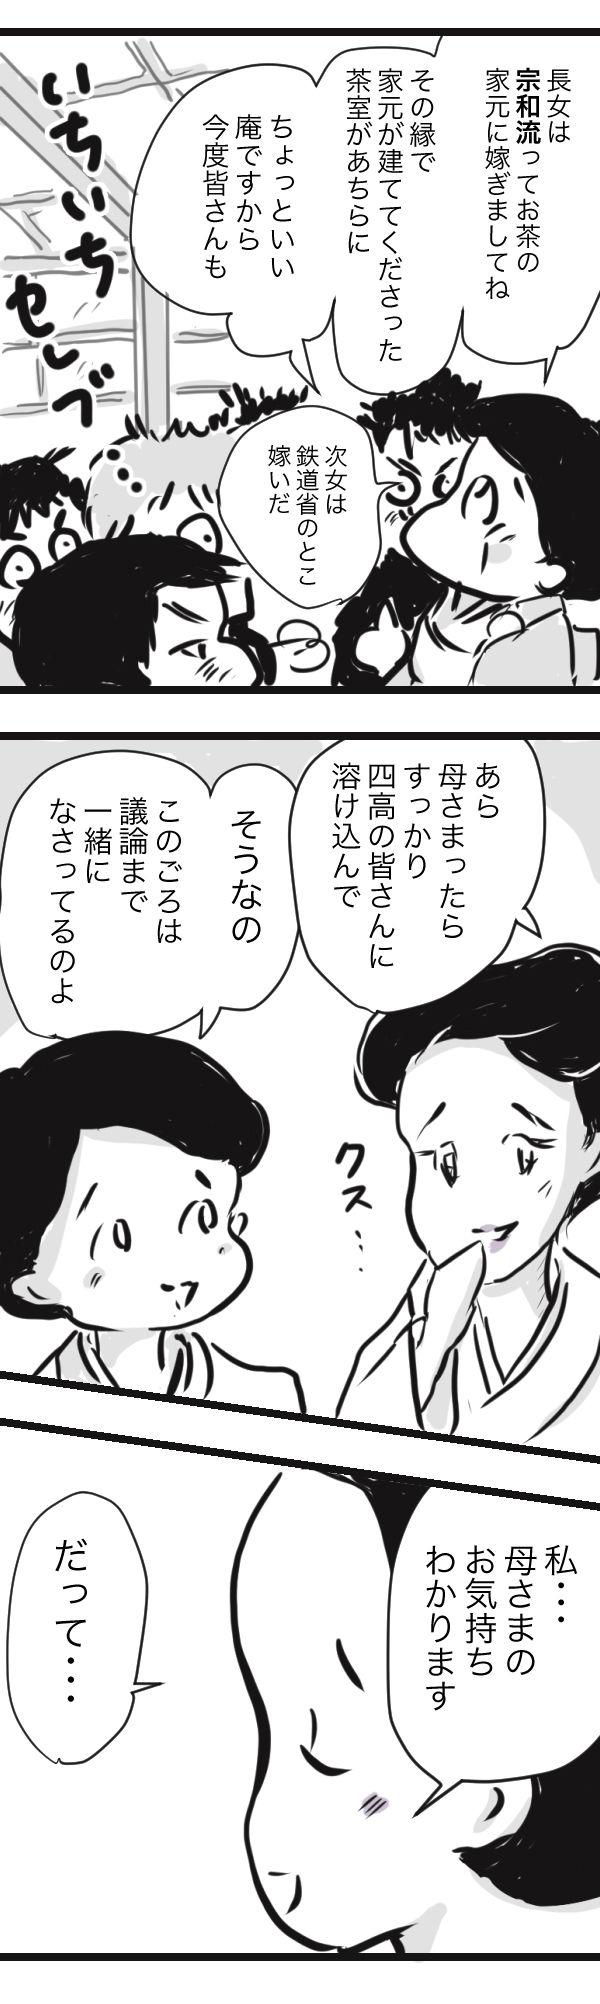 山田金沢6−4−2